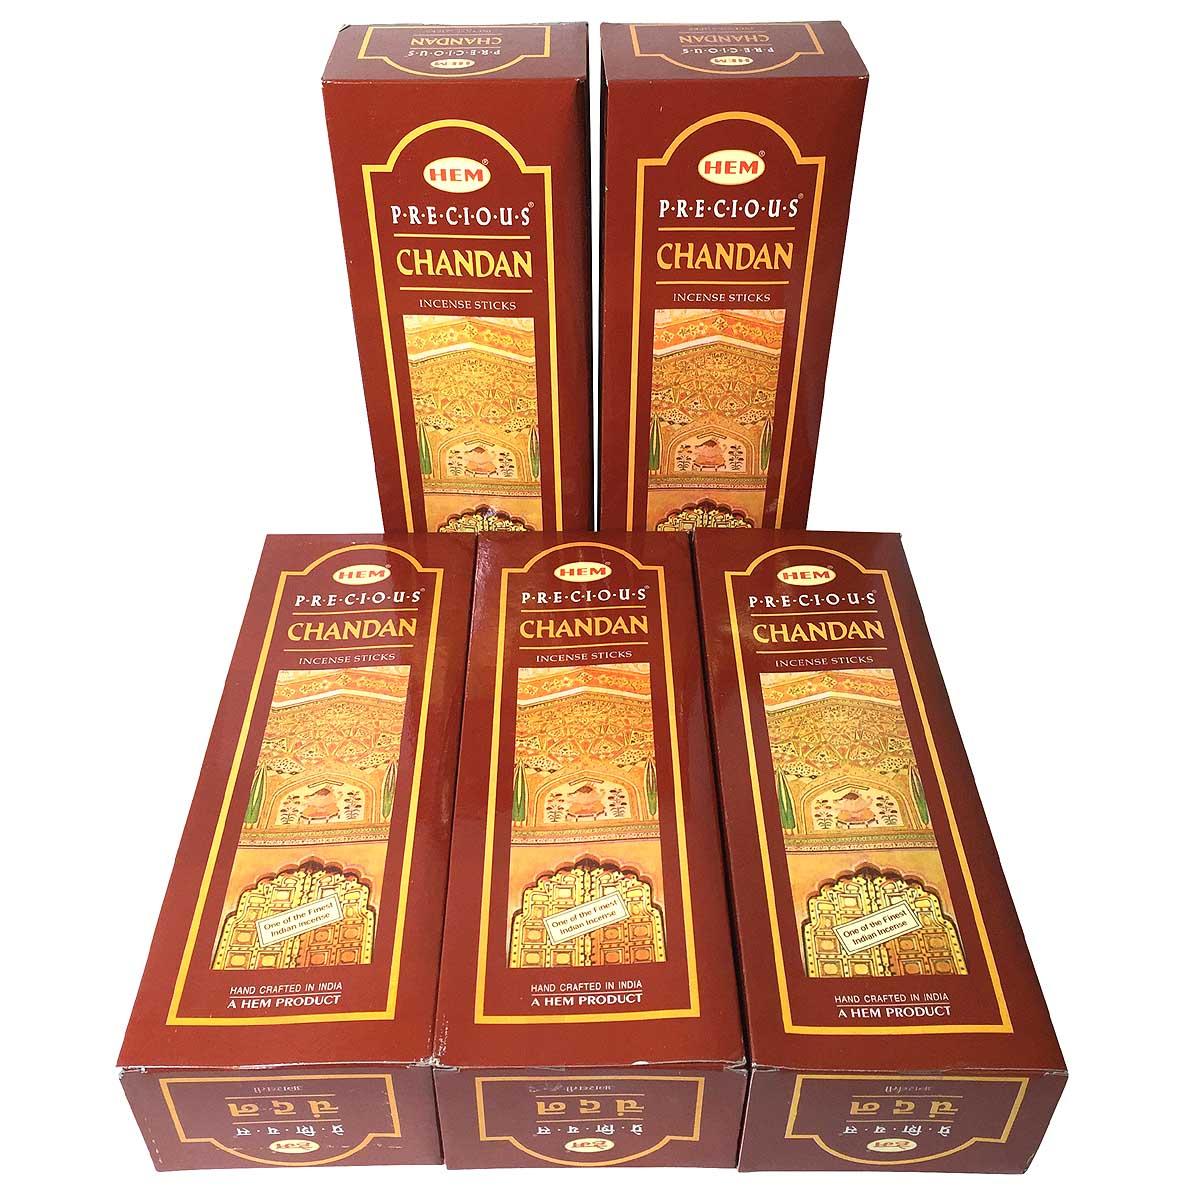 お香 手数料無料 バーゲンセール 卸おまとめプライス インド香 チャンダン香 スティック CHANDAN 30箱 卸おまとめプライス5BOX 送料無料